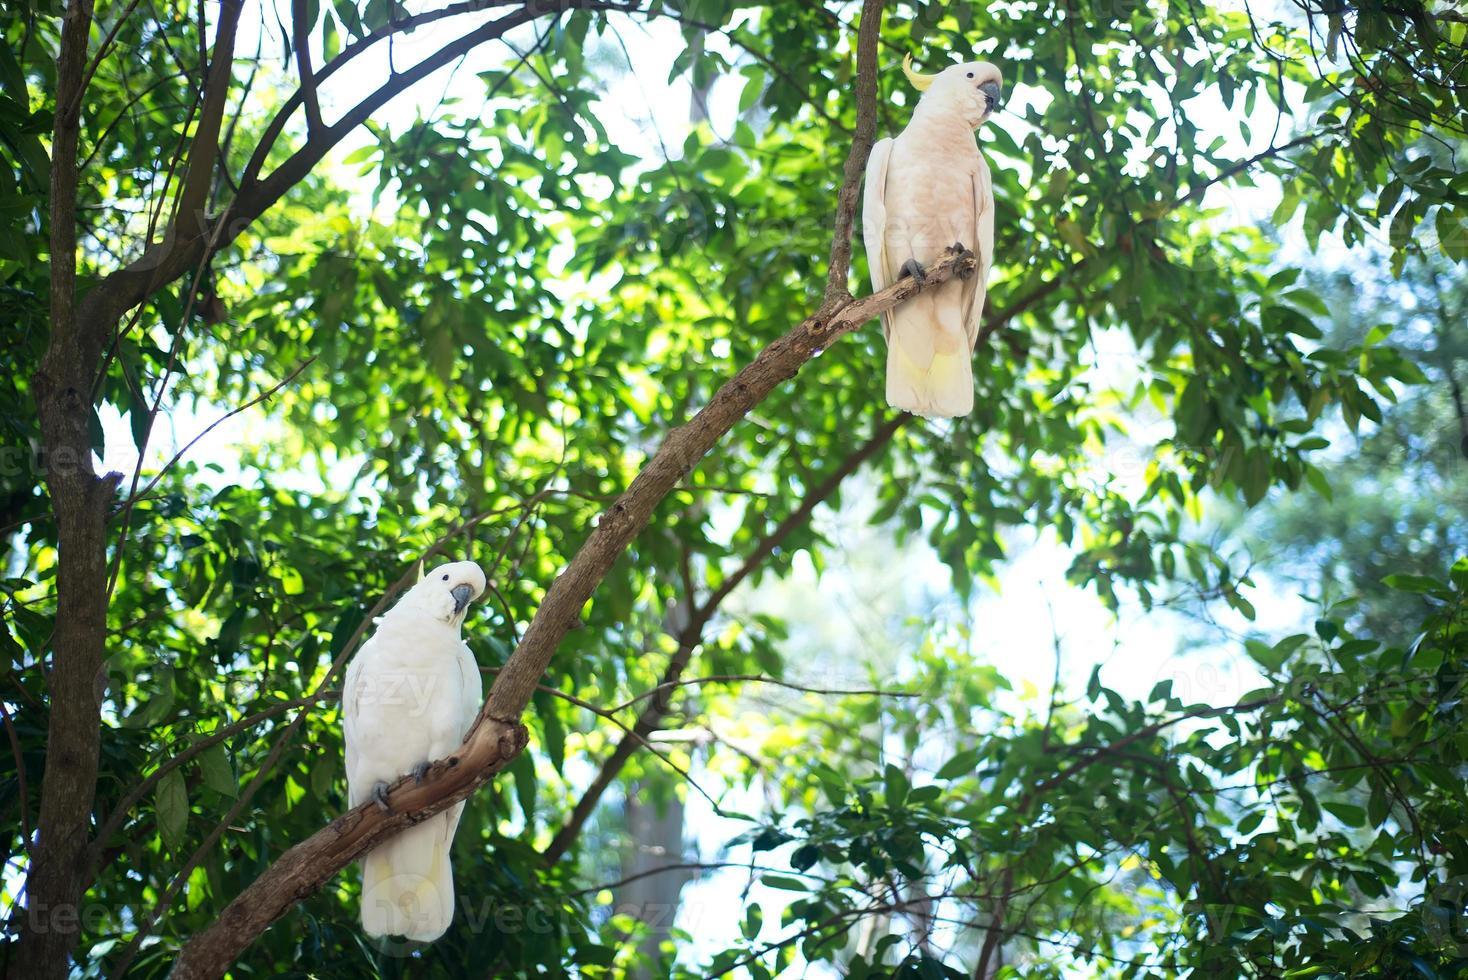 cacatúas blancas sentado en un brunch de árbol foto